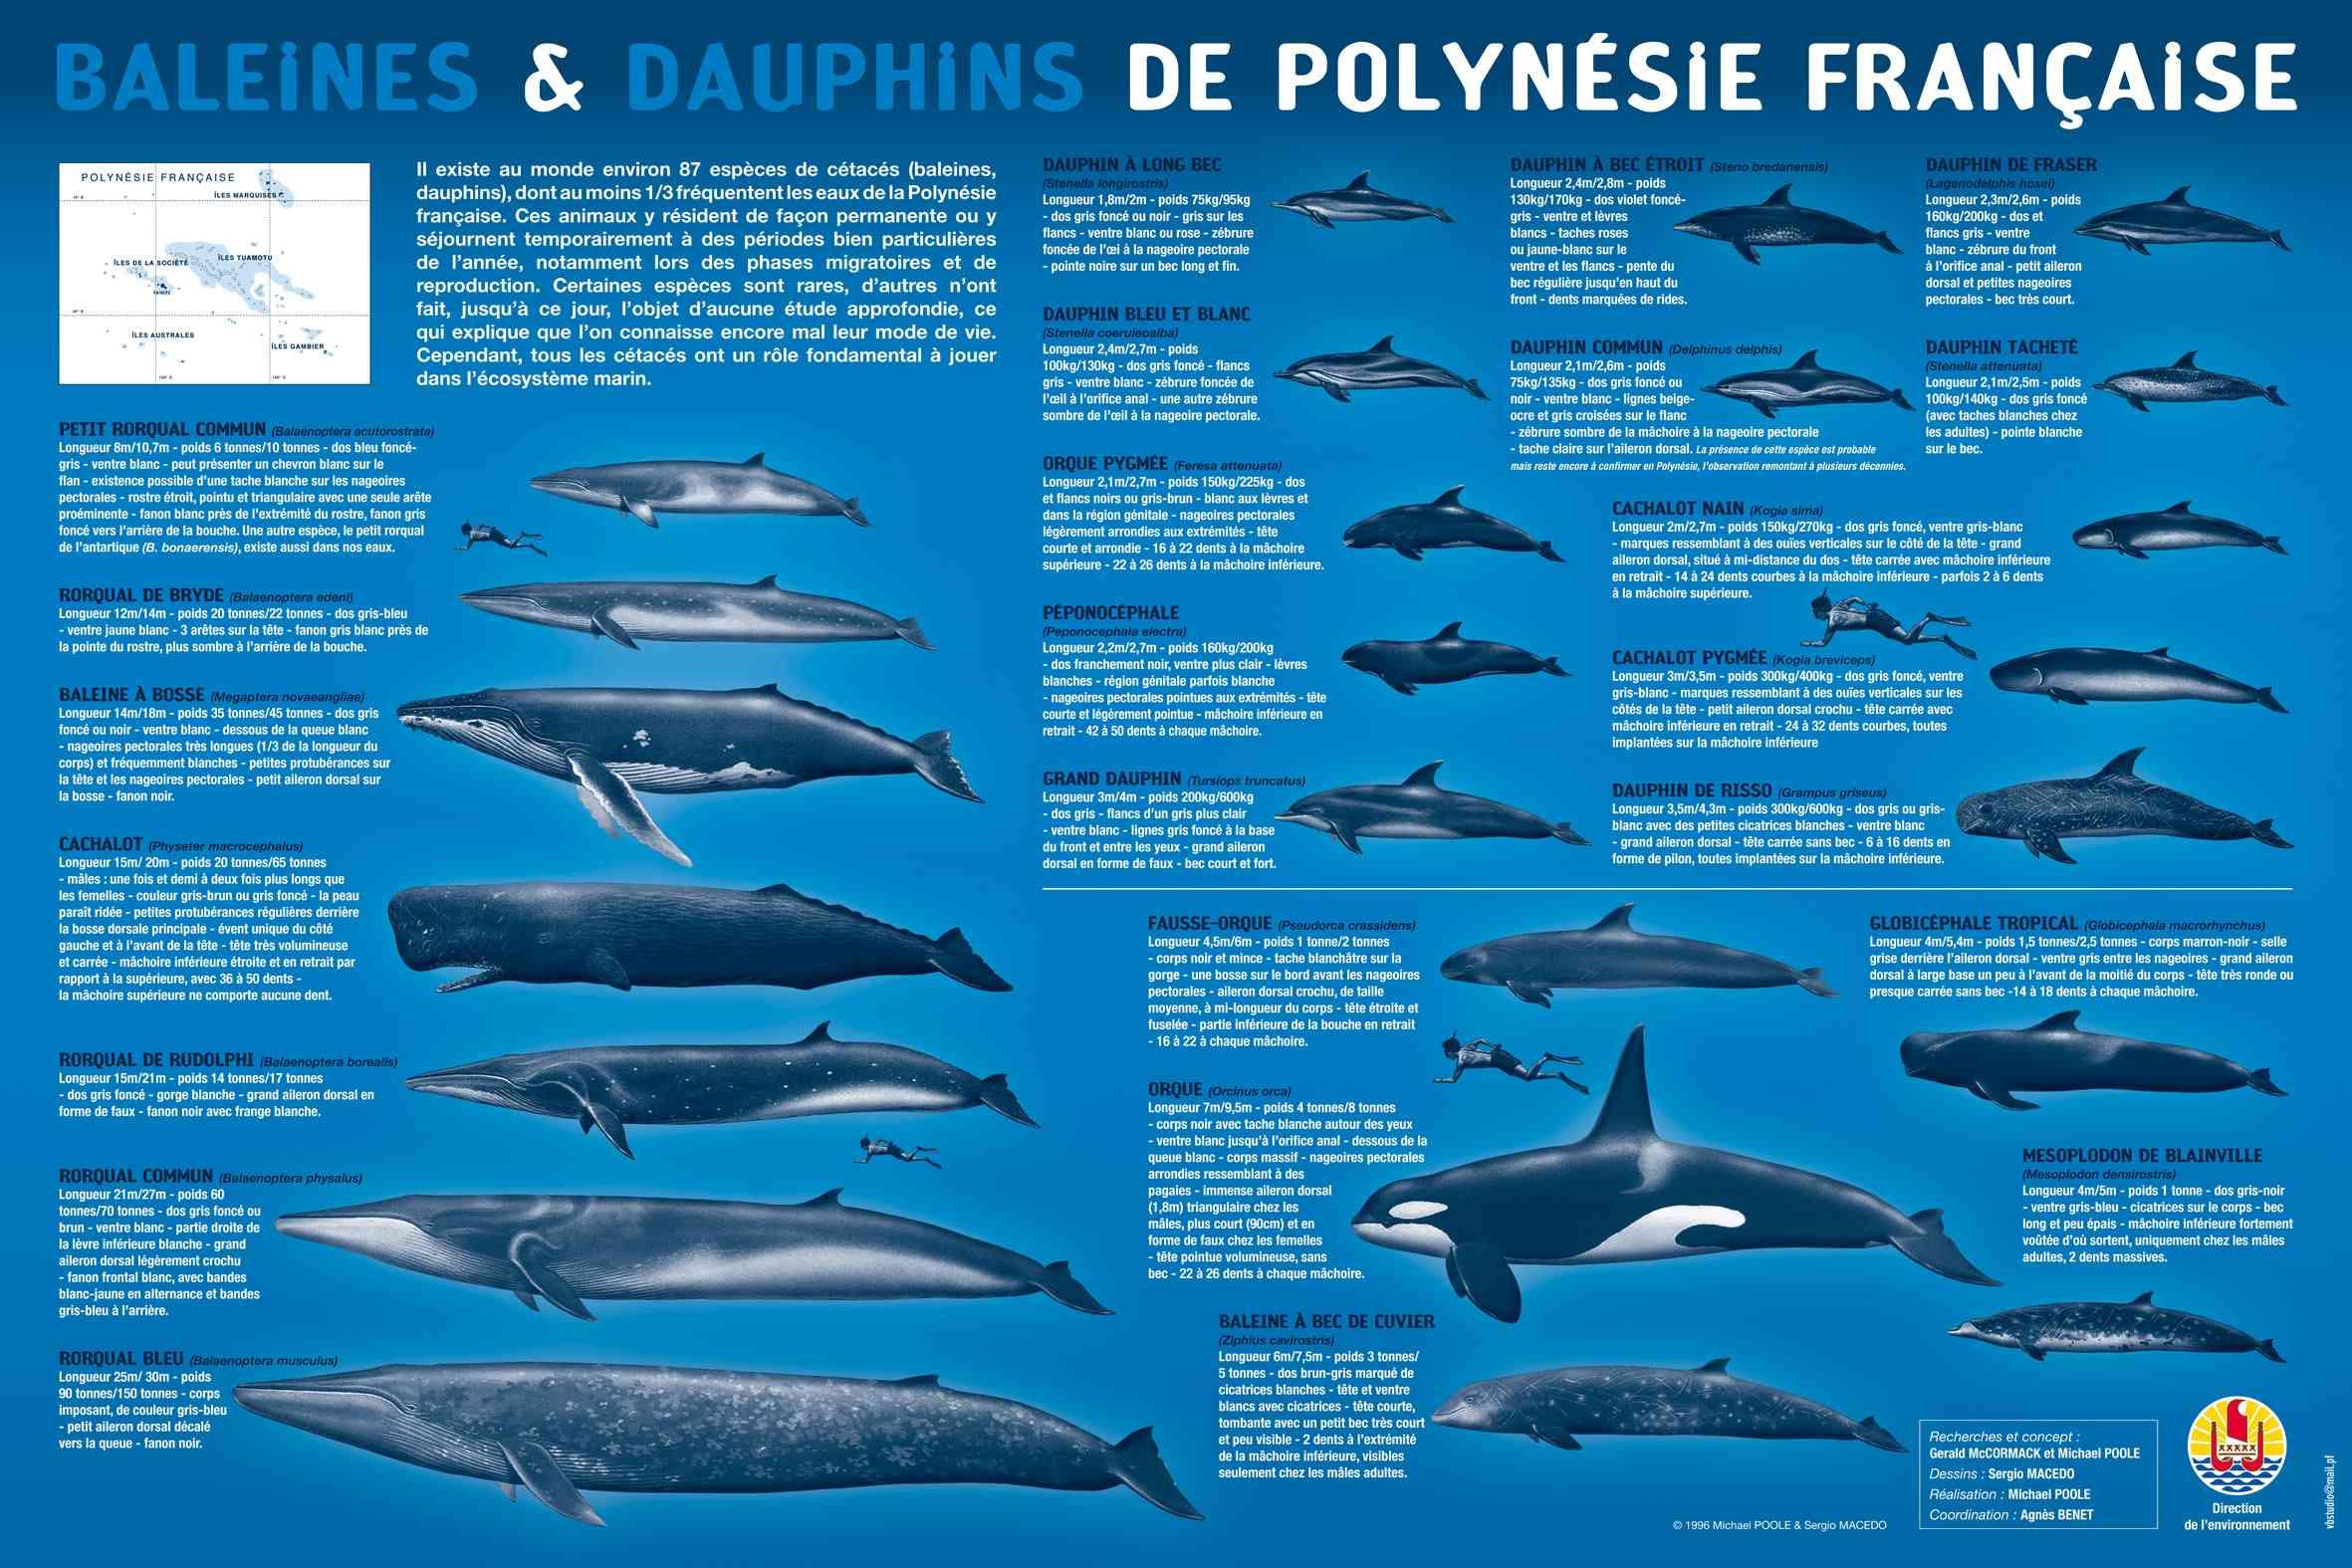 cetaces de polynesie